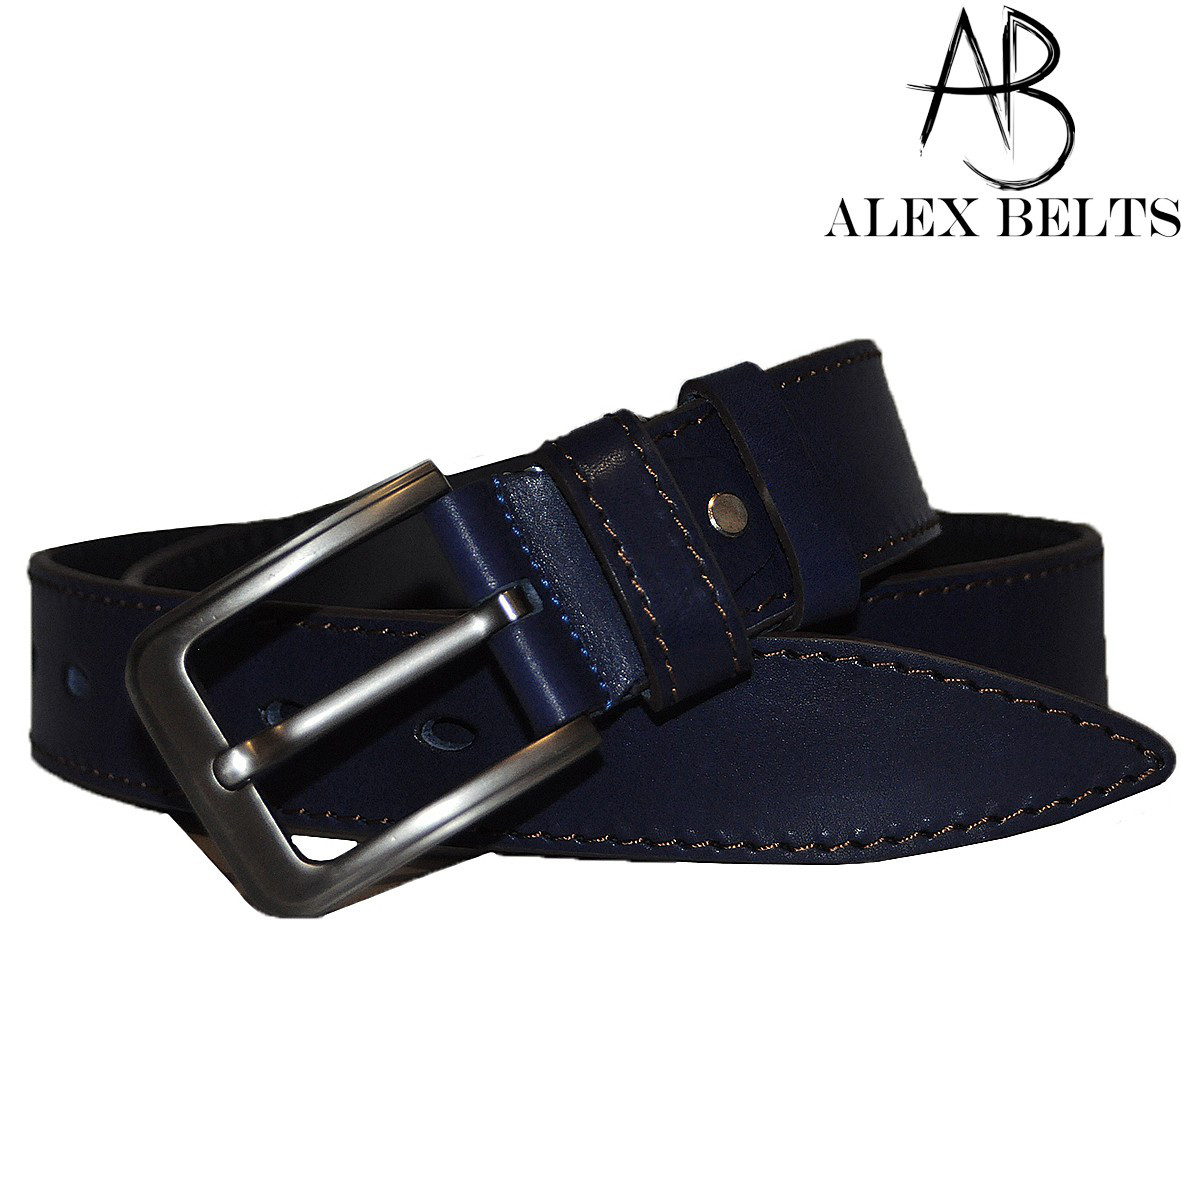 Ремень мужской джинсовый(темно-синий) кожа 40 мм - купить оптом в Одессе